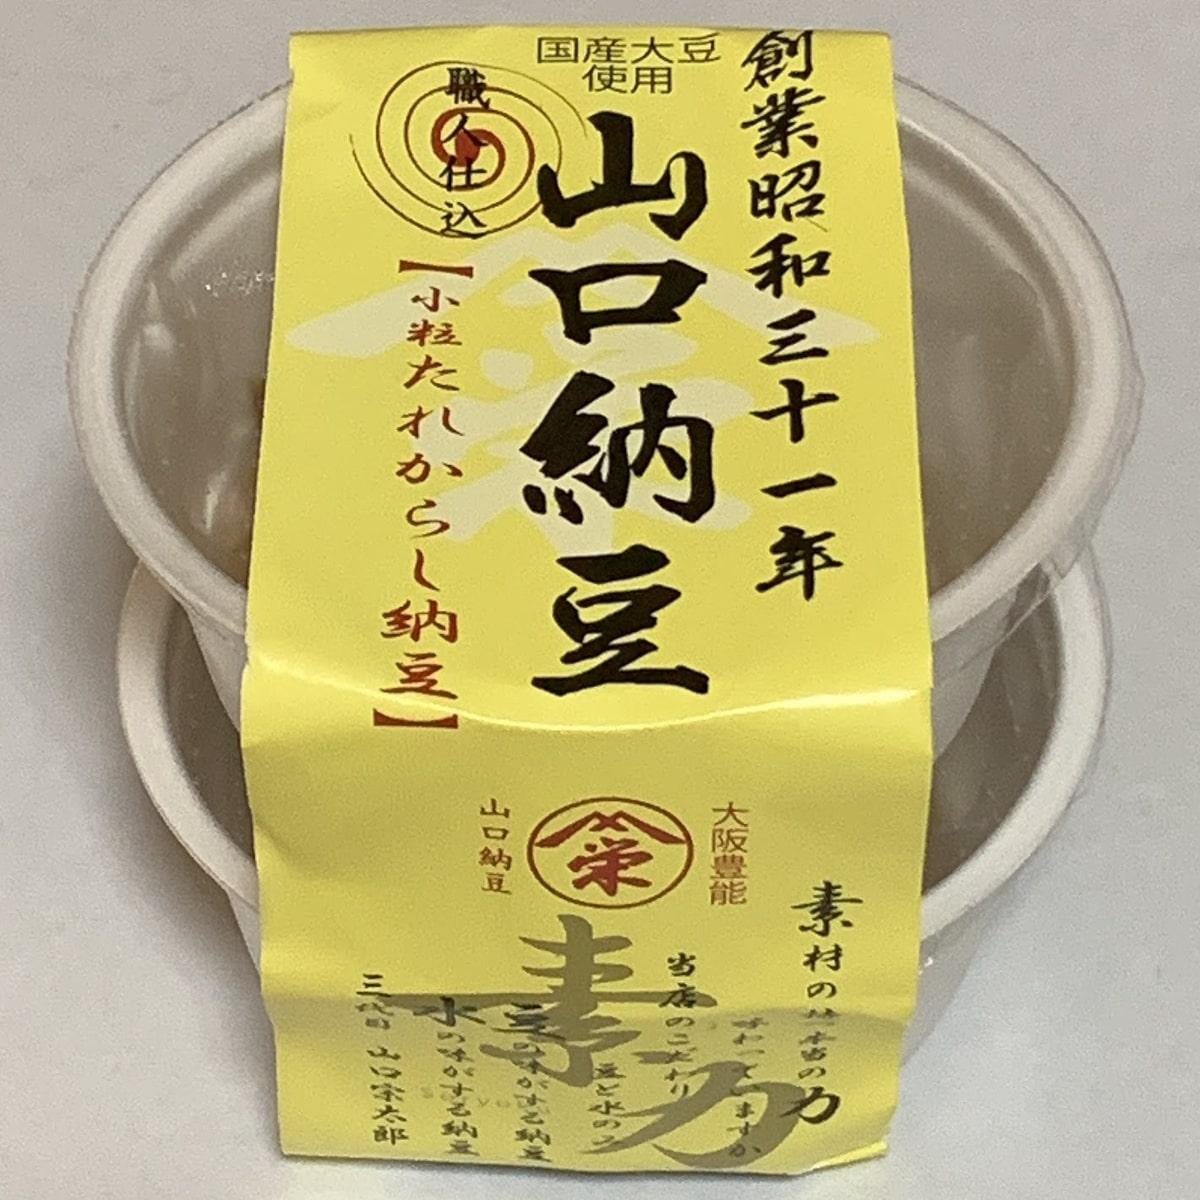 山口食品「たれからし納豆」